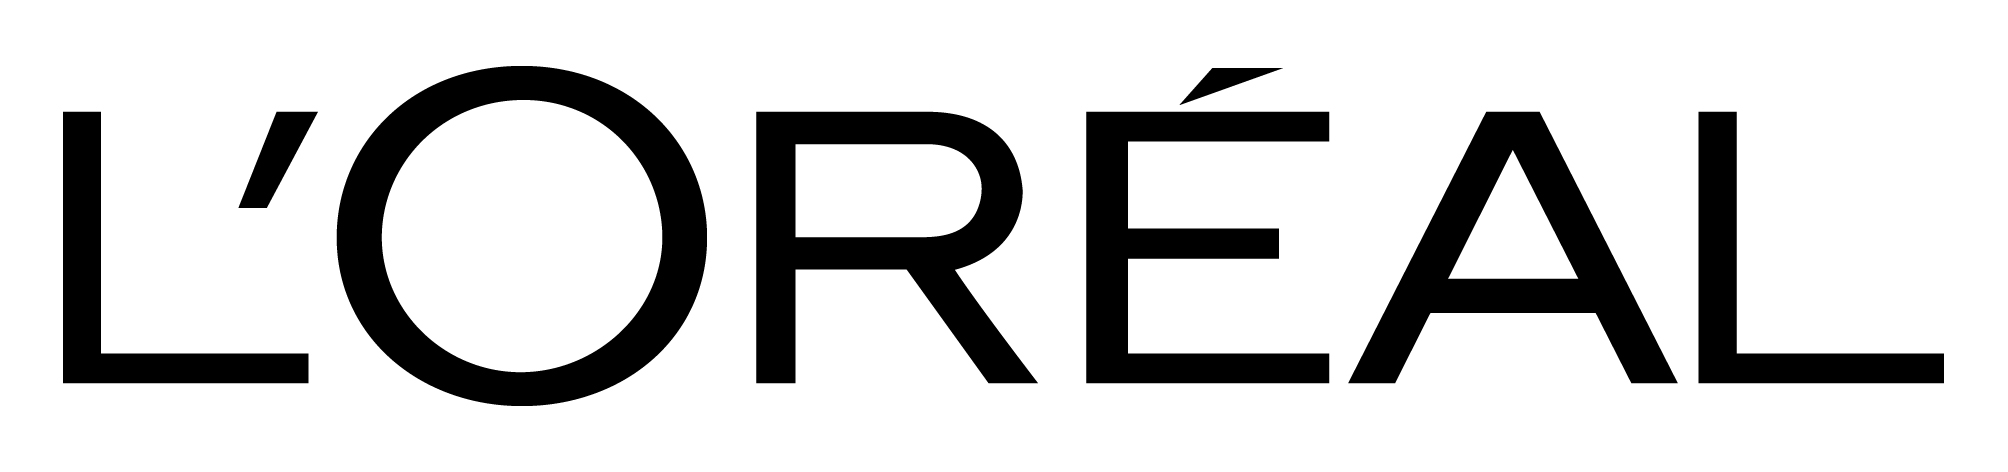 L'Oréal International